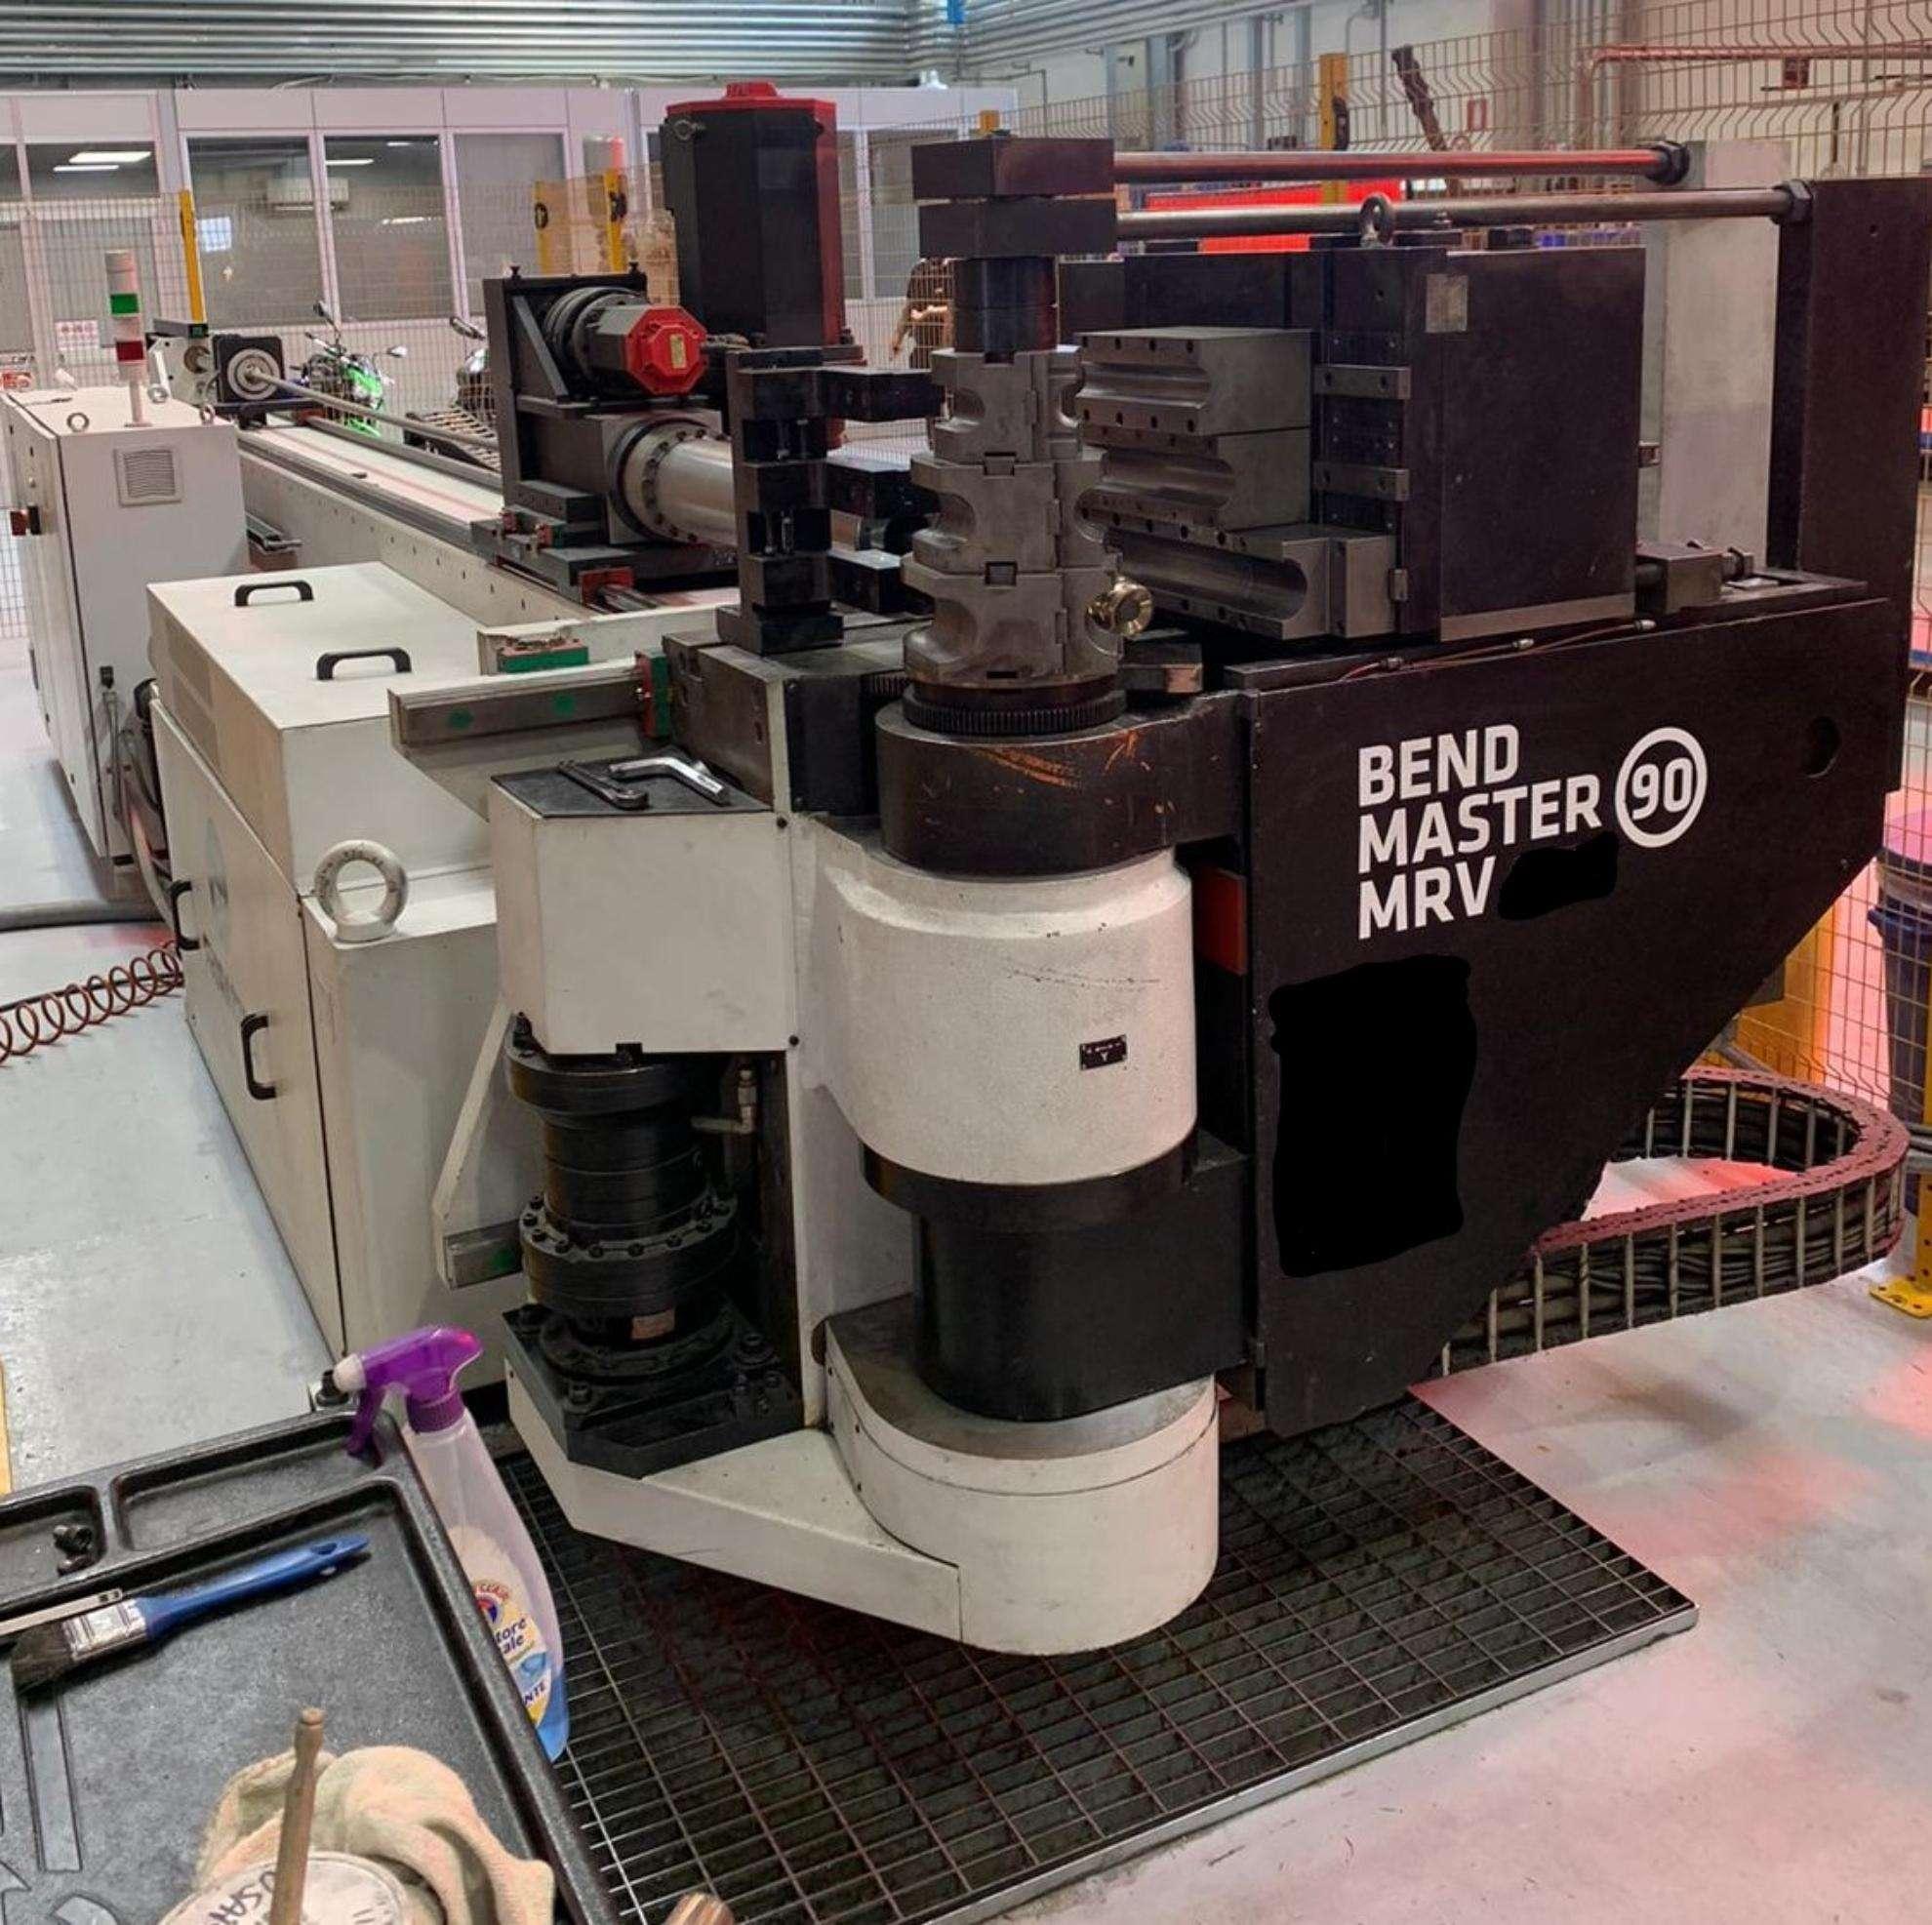 PEDRAZZOLI BM90 MRV Image